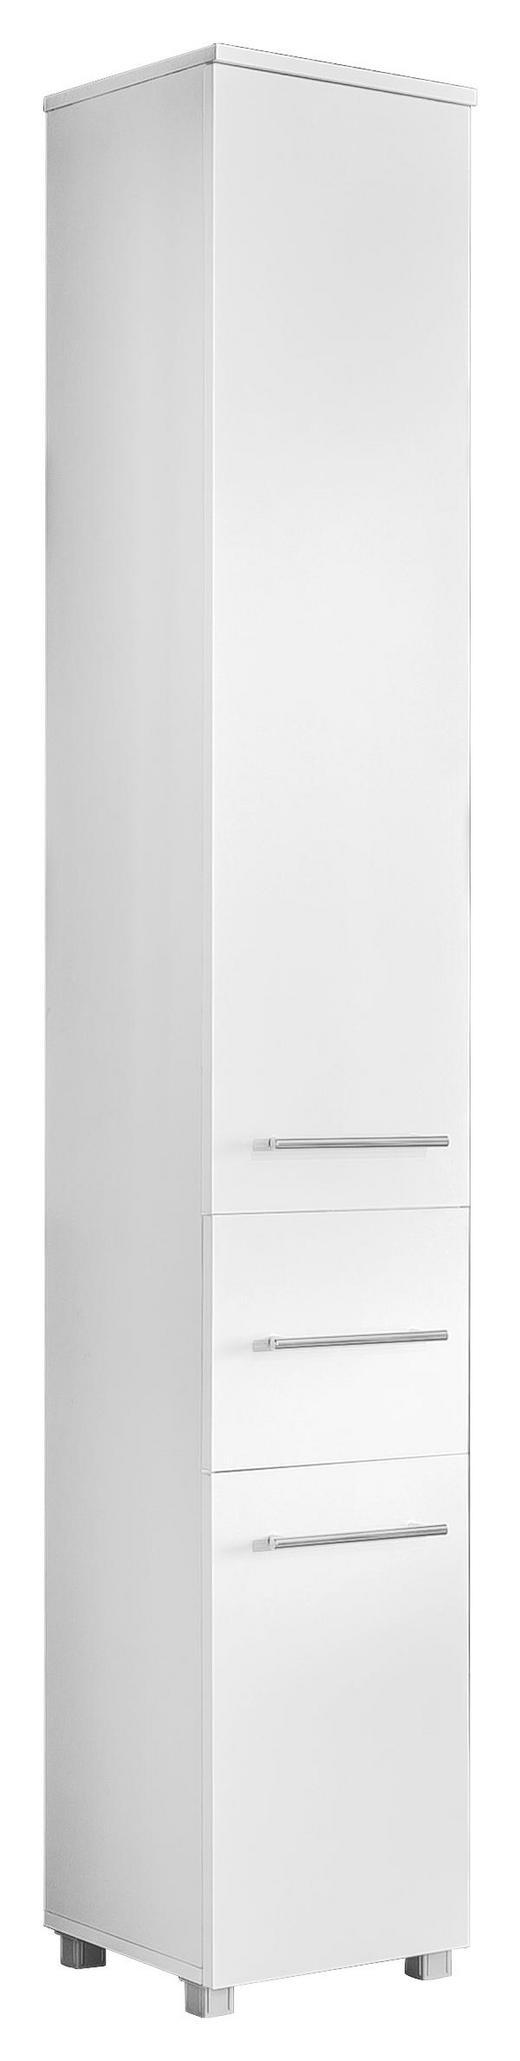 HOCHSCHRANK Weiß - Chromfarben/Silberfarben, Design, Holzwerkstoff/Metall (30/188/31,3cm) - Xora